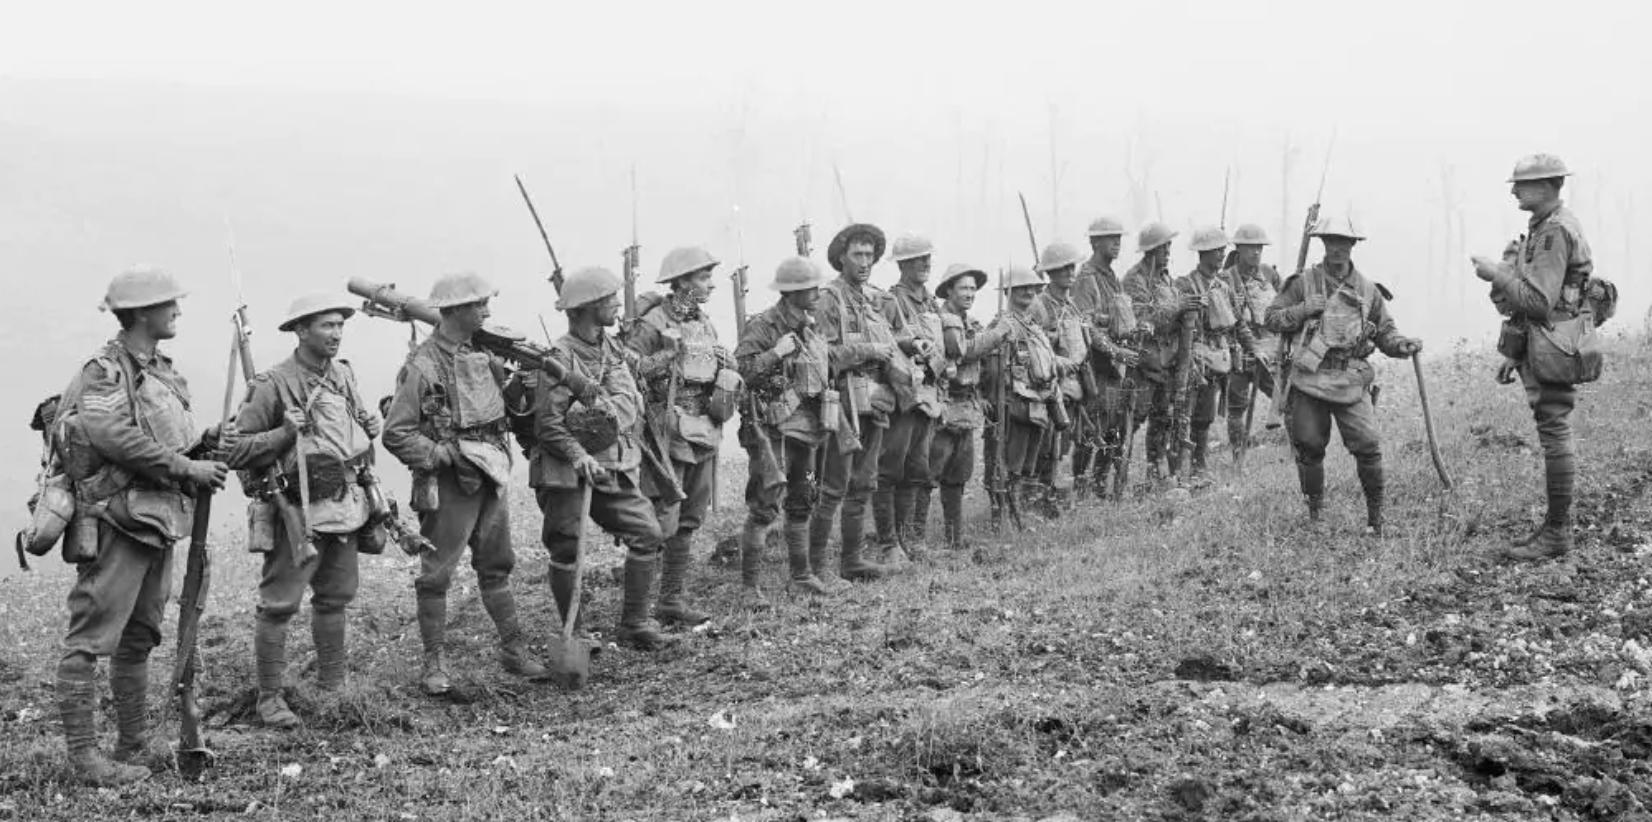 Australian soliders WW1